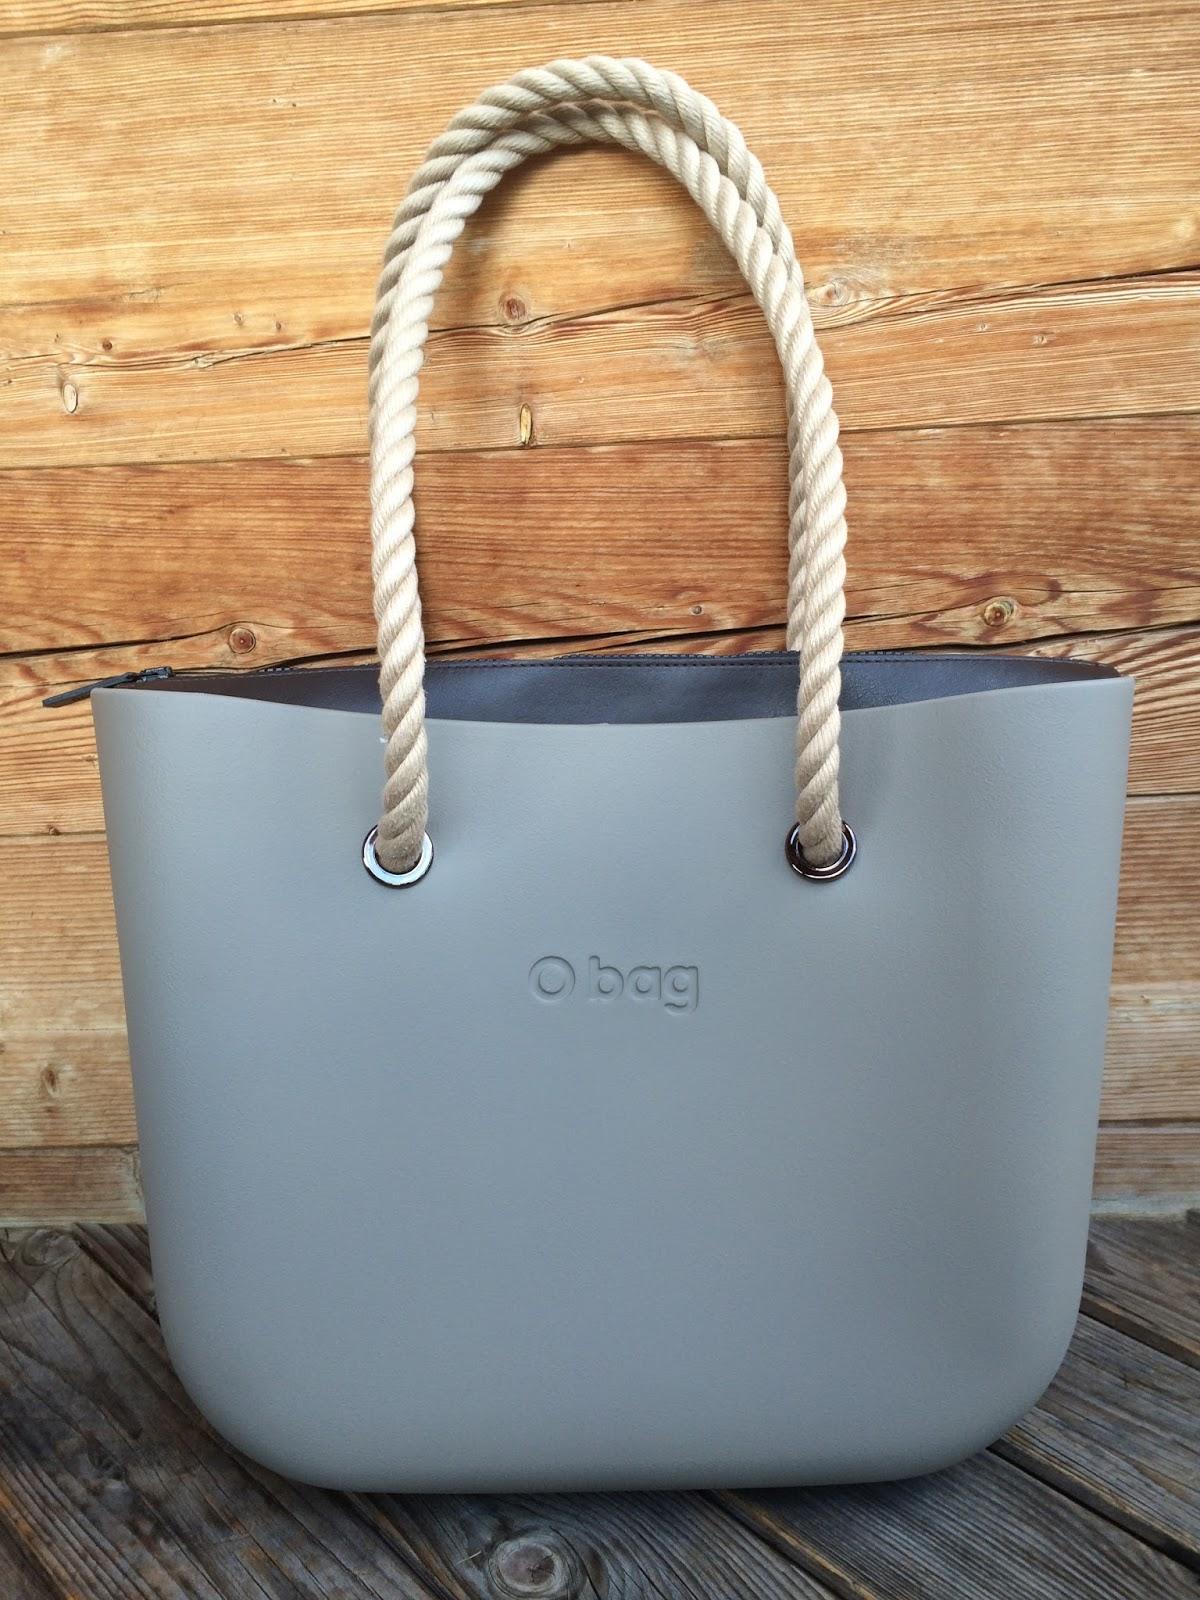 Das Tolle Am O Bag Ist Dass Man Gesamte Tasche Nach Seinem Geschmack Designen Kann Der Klassische Besteht Aus Dem Case Taschenkörper